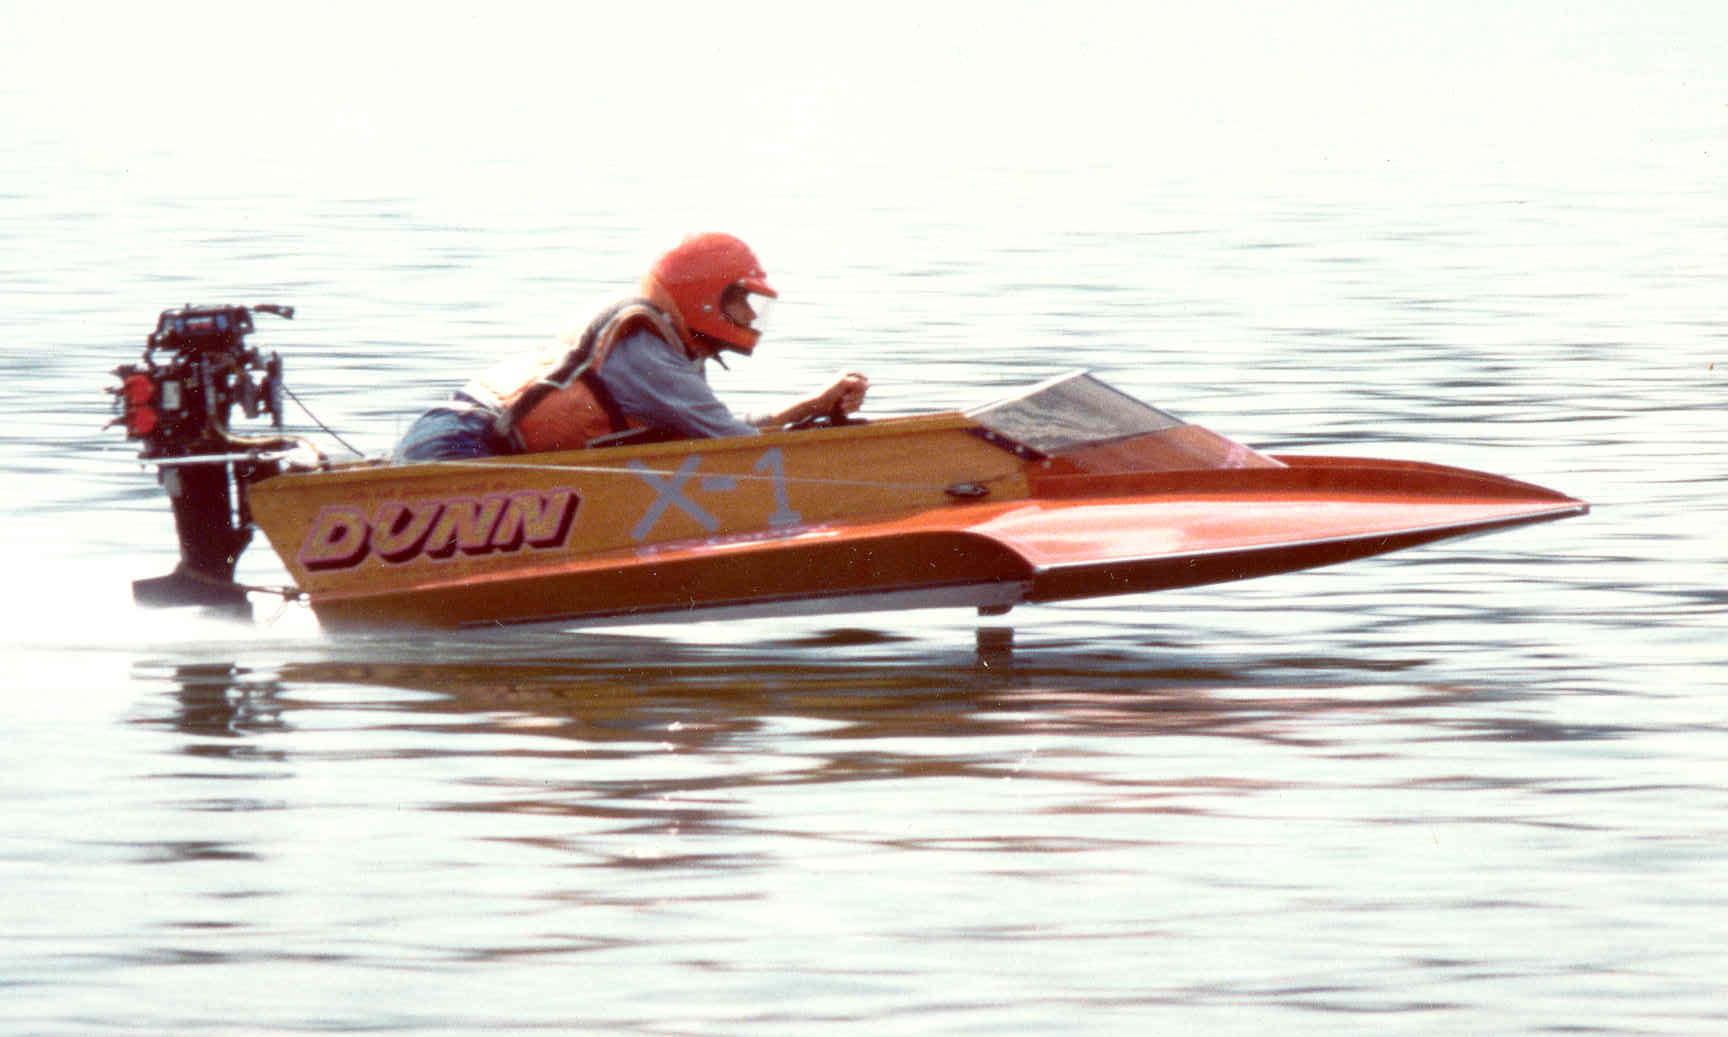 SST-60 Speed Boat wood composit-ripper.jpg